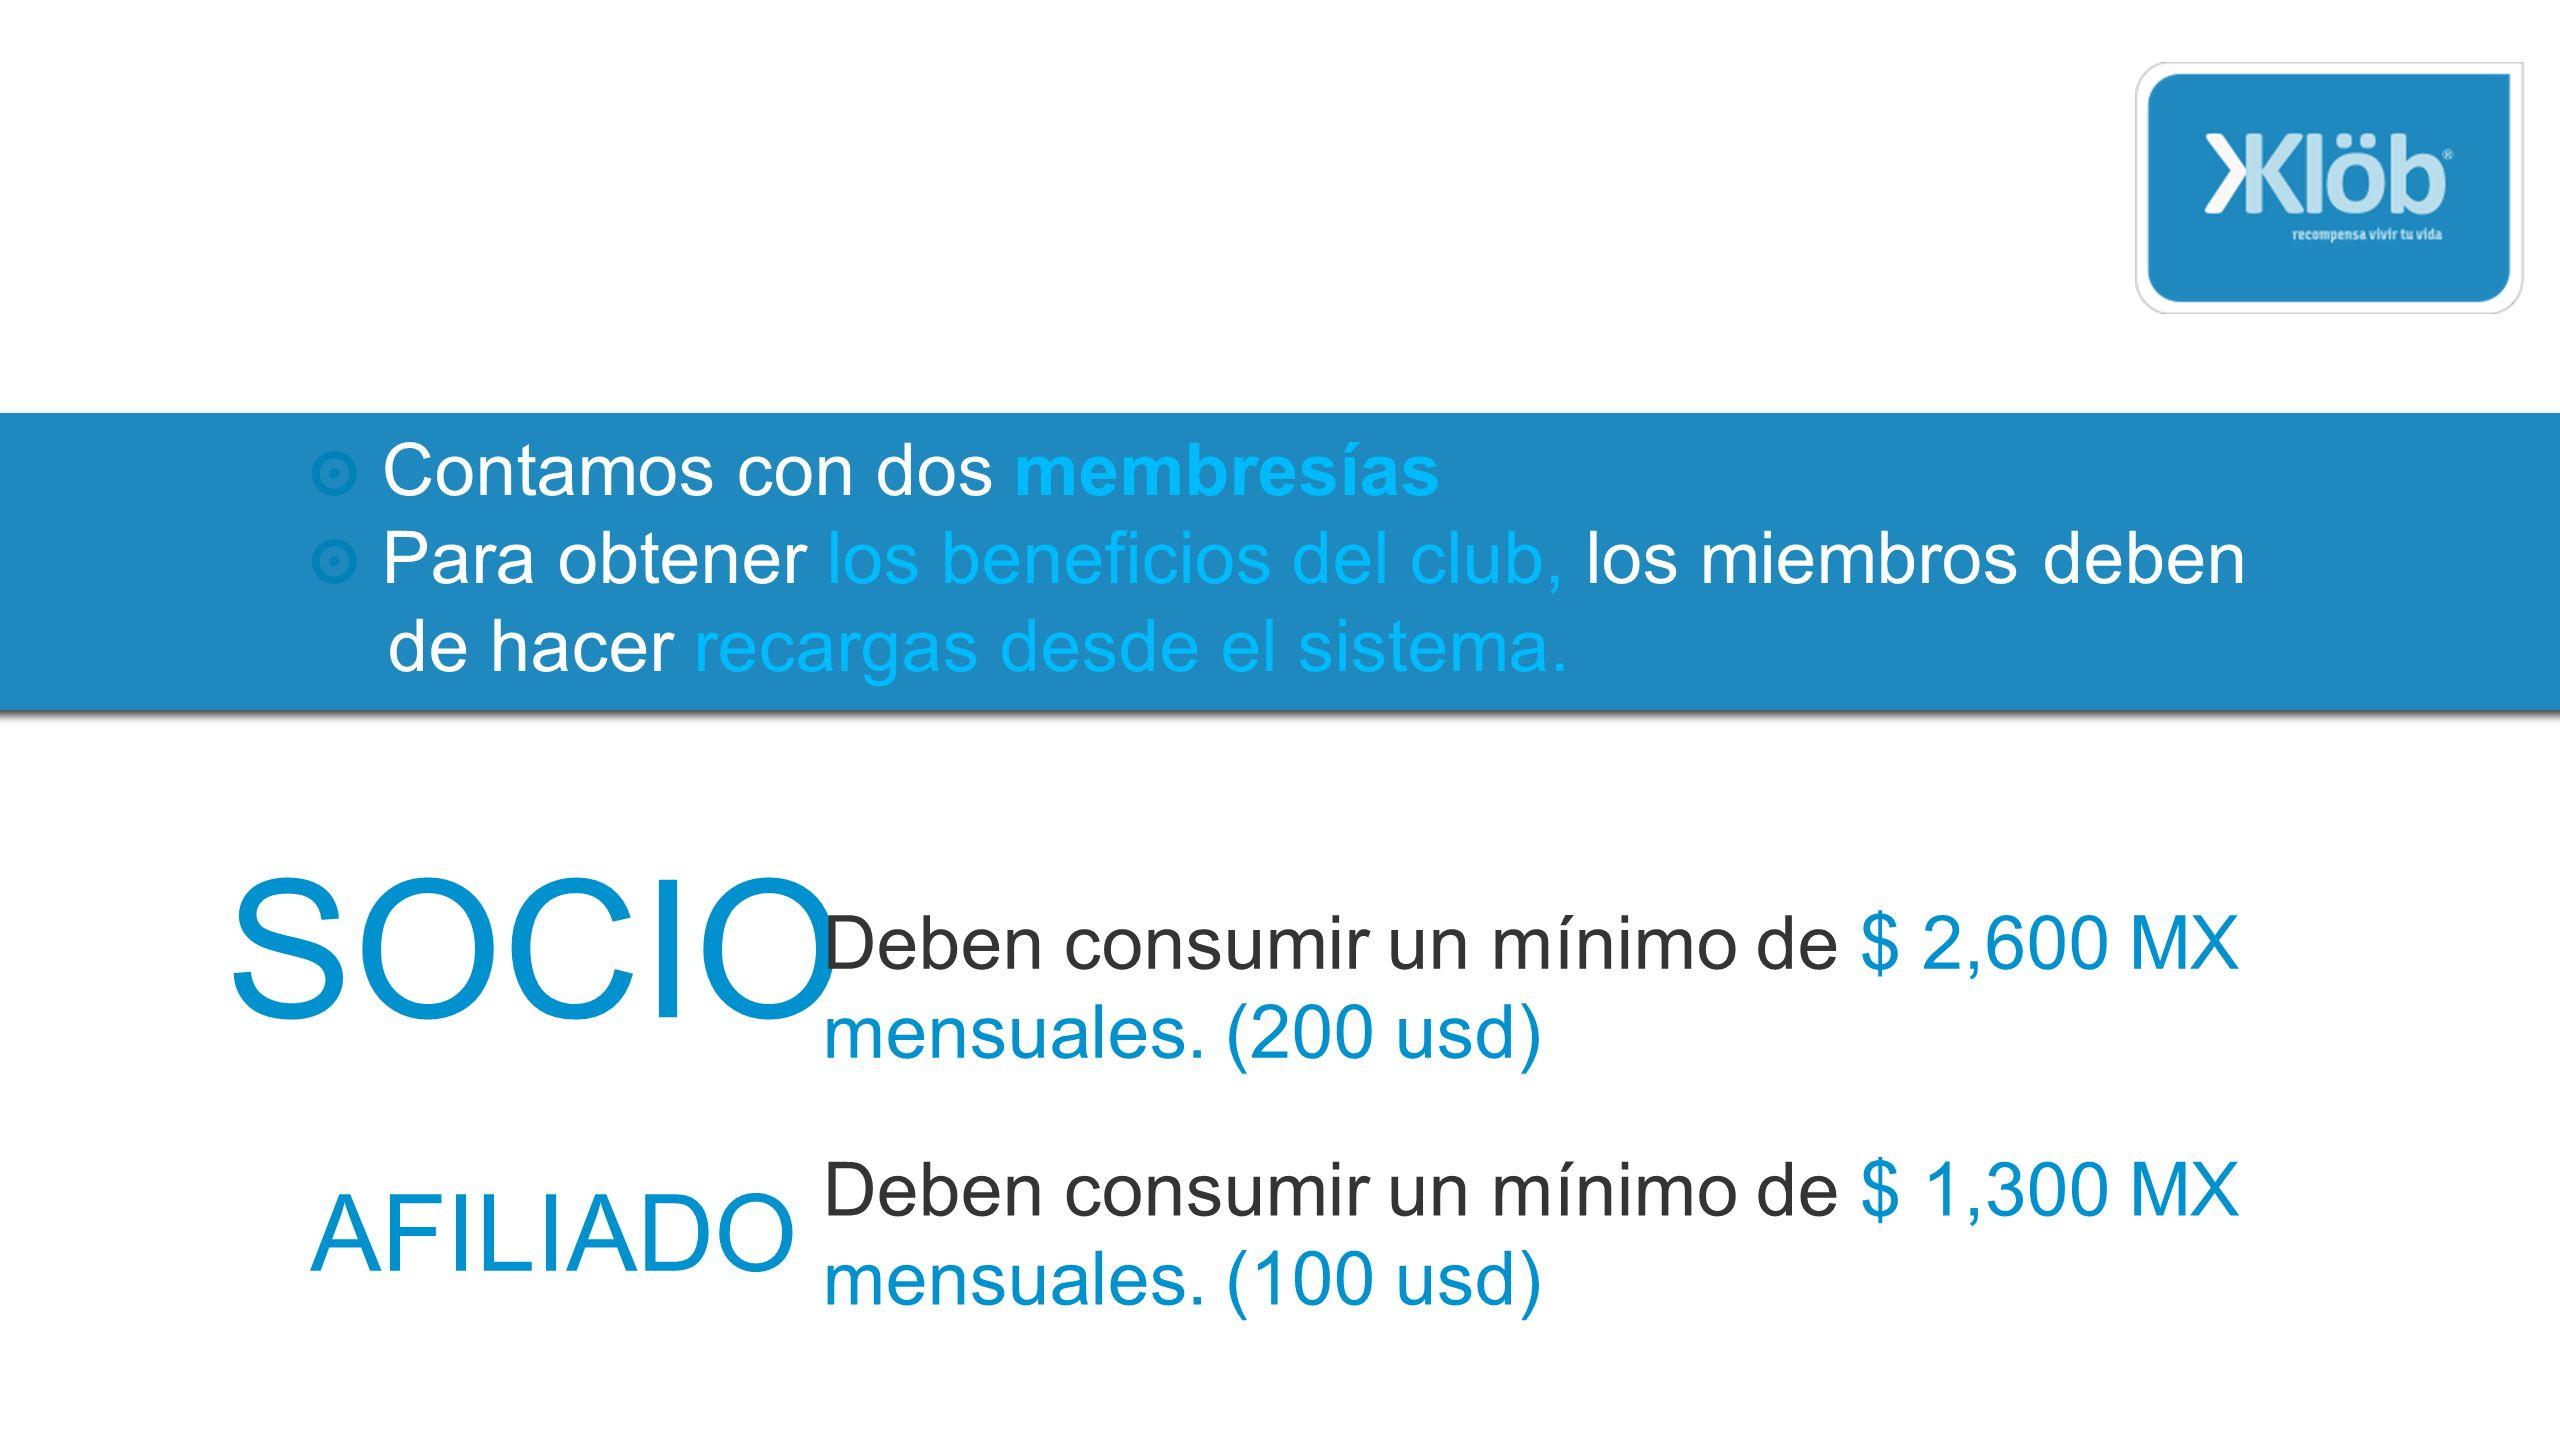 Klöb hace convenios con proveedores importantes, recibirás un monedero de cada uno de ellos.